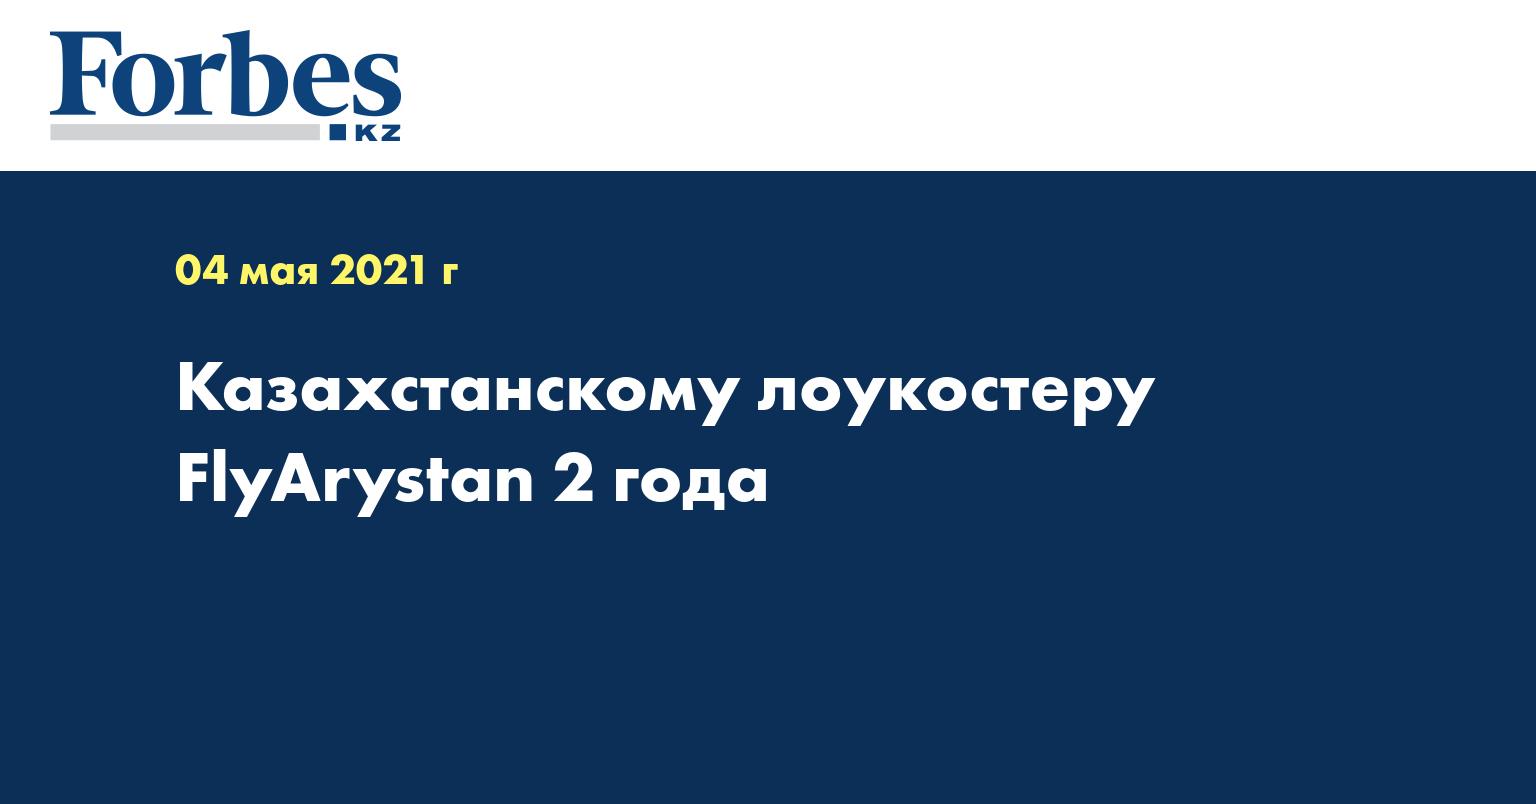 Казахстанскому лоукостеру FlyArystan 2 года